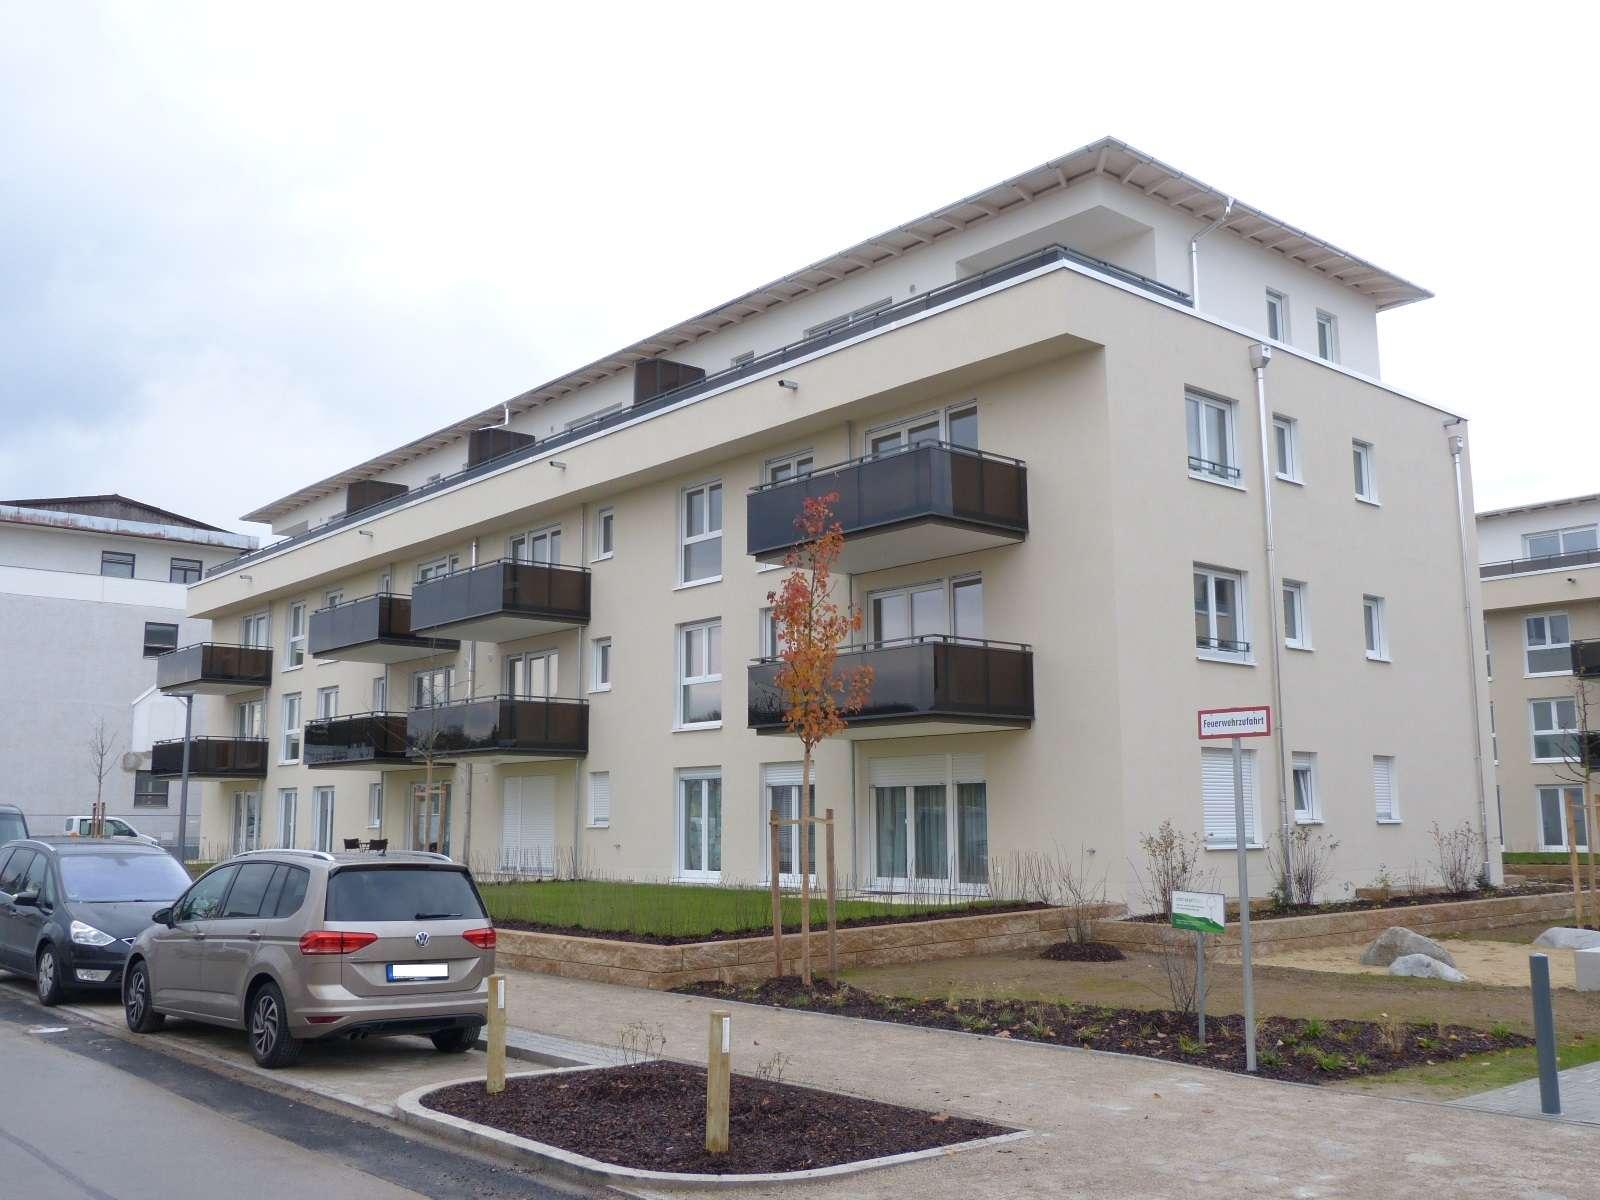 Neu erstellte 2-Zimmer-DG-Wohnung mit Dachterrasse in Unterhaching nahe dem Landschaftspark in Unterhaching